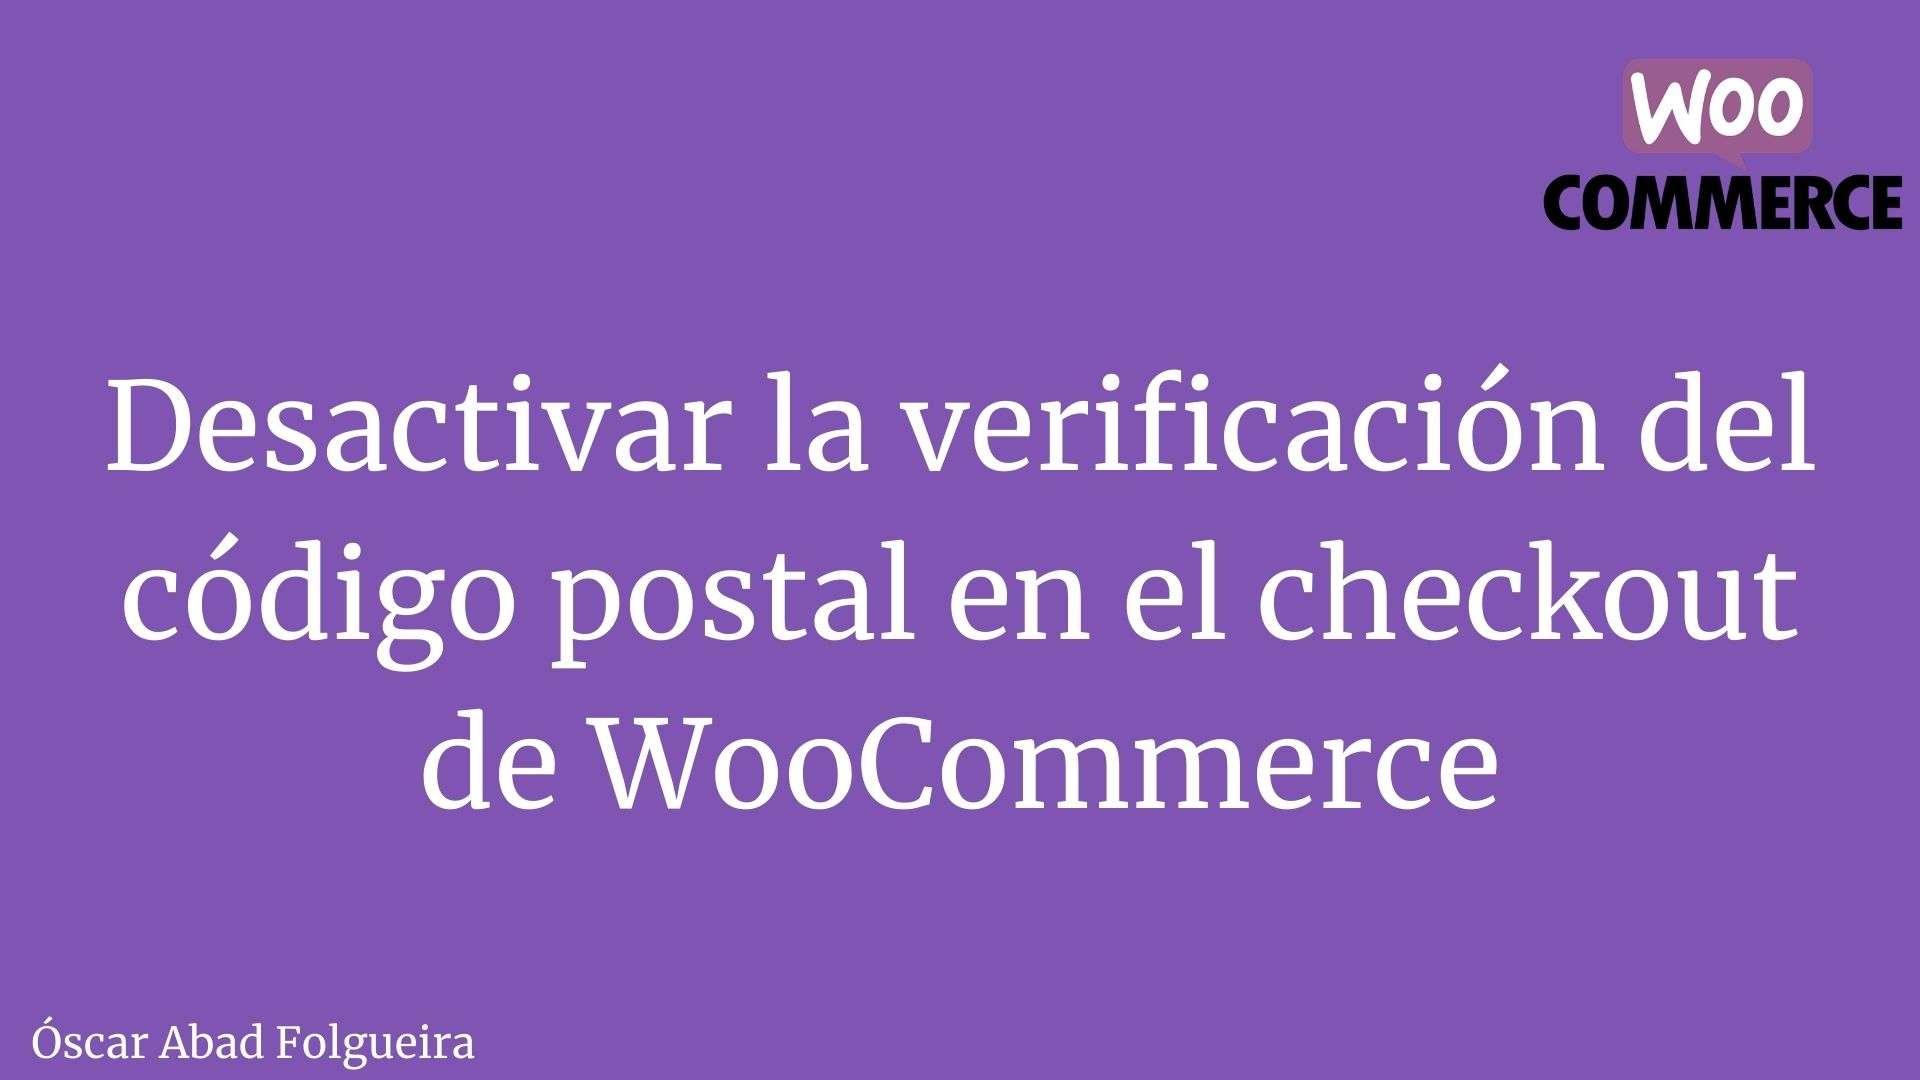 Desactivar la verificación del código postal en el checkout de WooCommerce